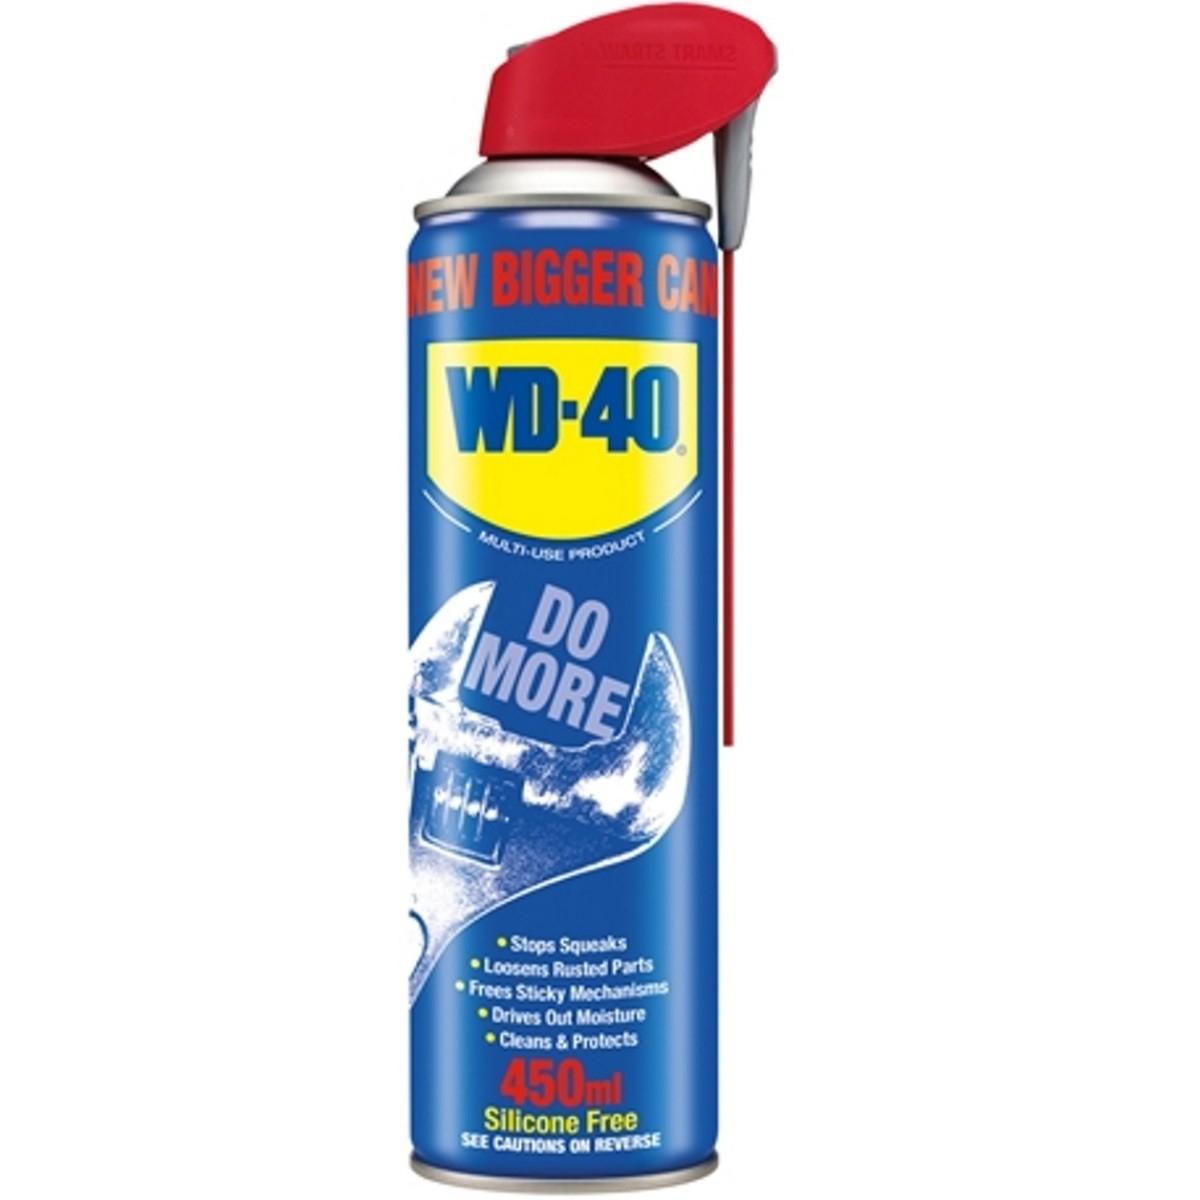 Wd40 450ml £2.75! Big bottle @ Tesco - Mold